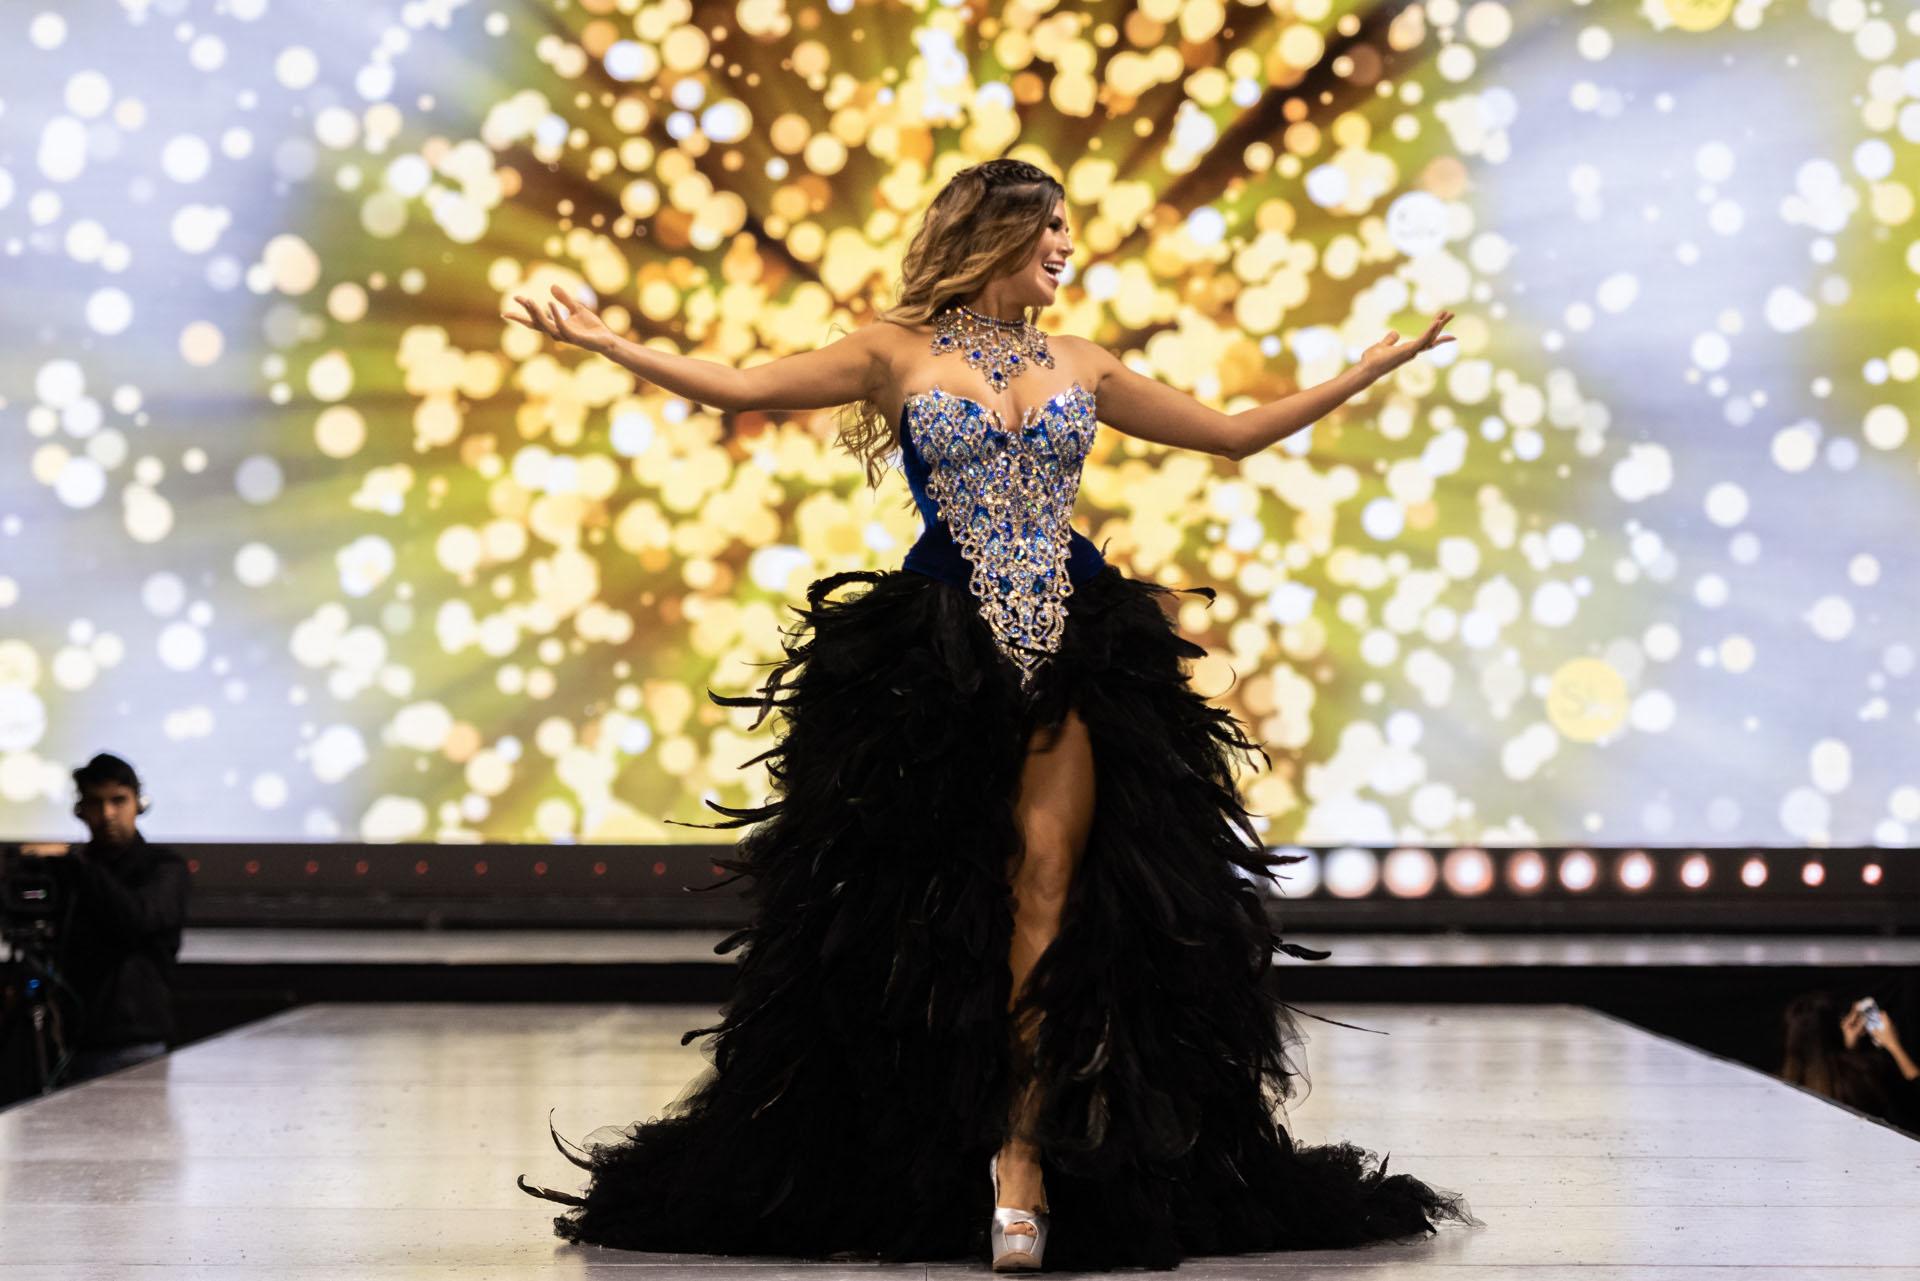 Loly Antoniale lució un diseño de Marcelo Péndola de la colección Reinas. En corsé bordado y tul, la modelo brilló en la pasarela de Silkey y con el traje confeccionado a mano